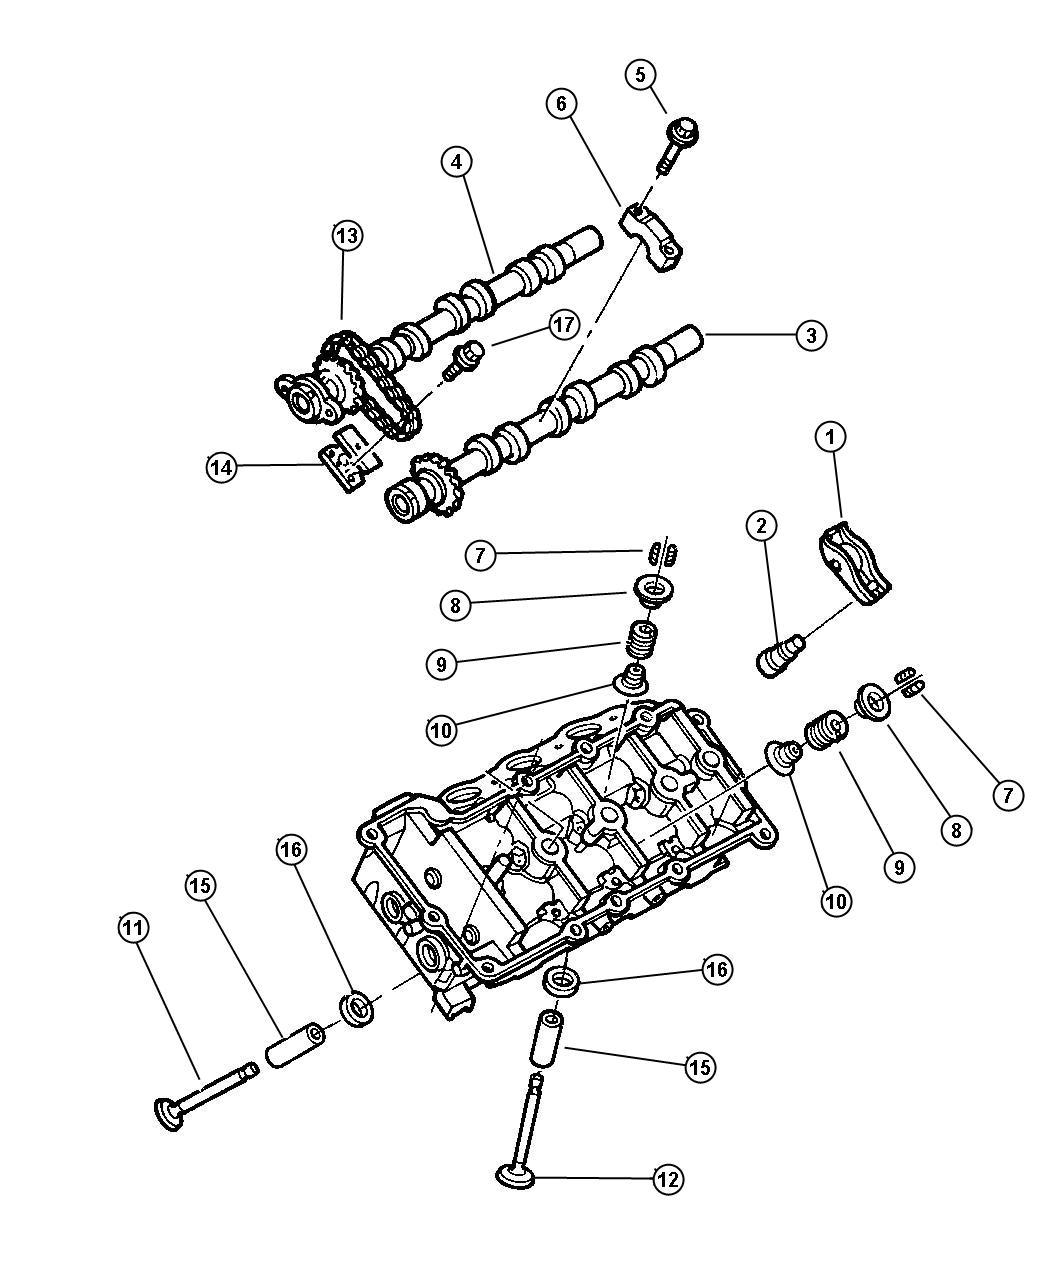 Chrysler Concorde Camshaft And Valves 2 7l Engine